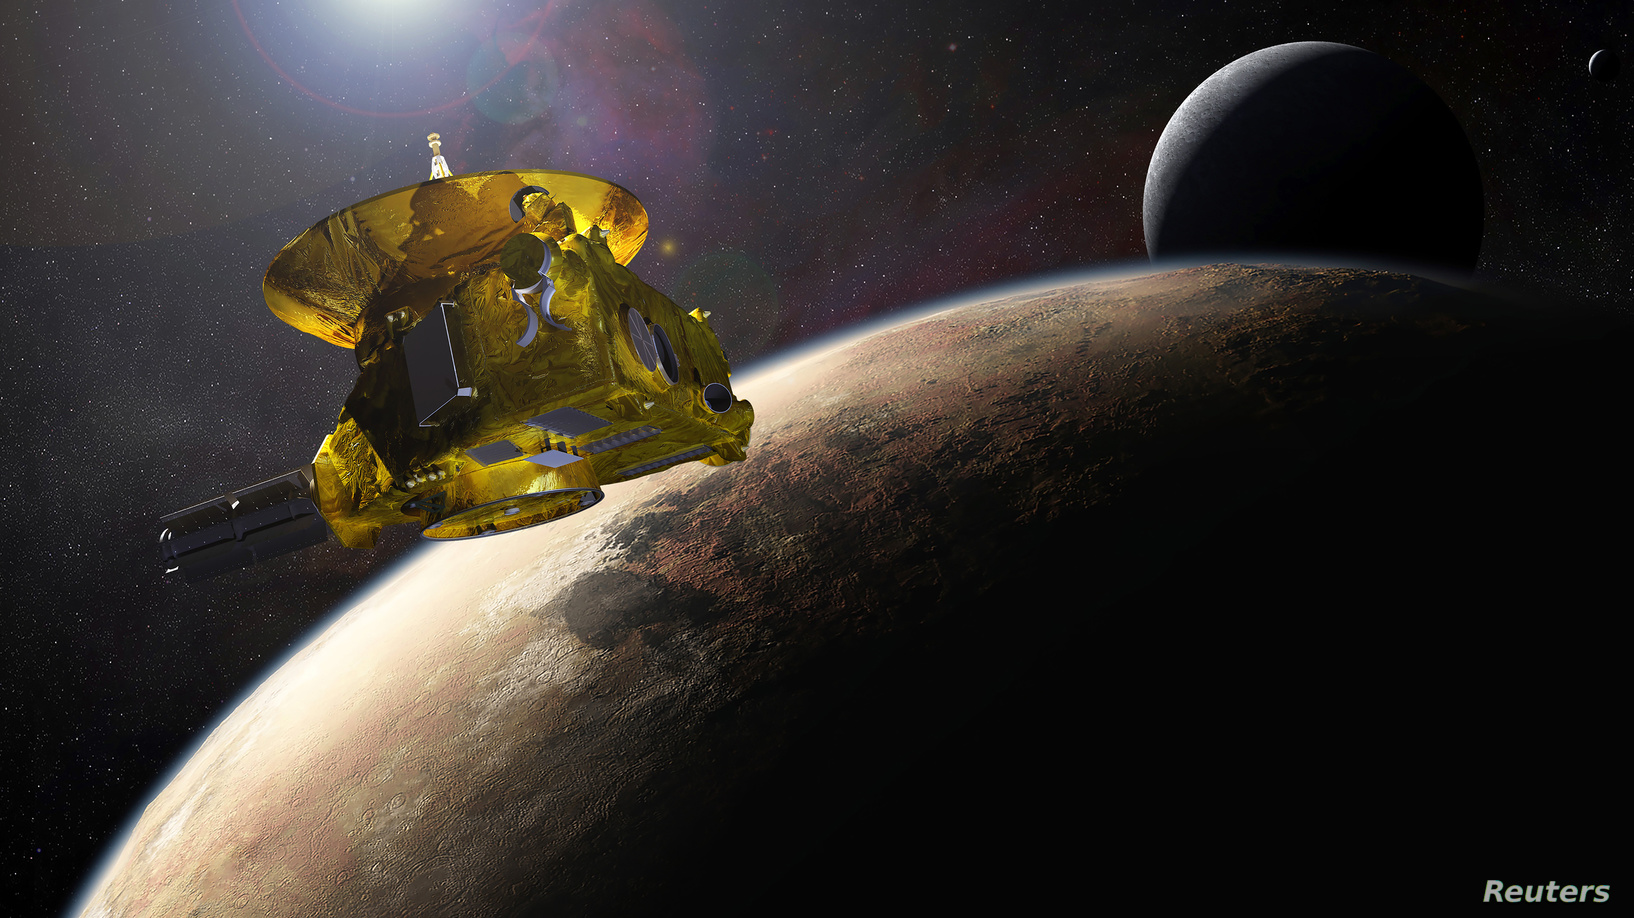 Космический аппарат «Новые горизонты», Плутон и его спутник Харон в 2015 году. Фото: NASA / Reuters